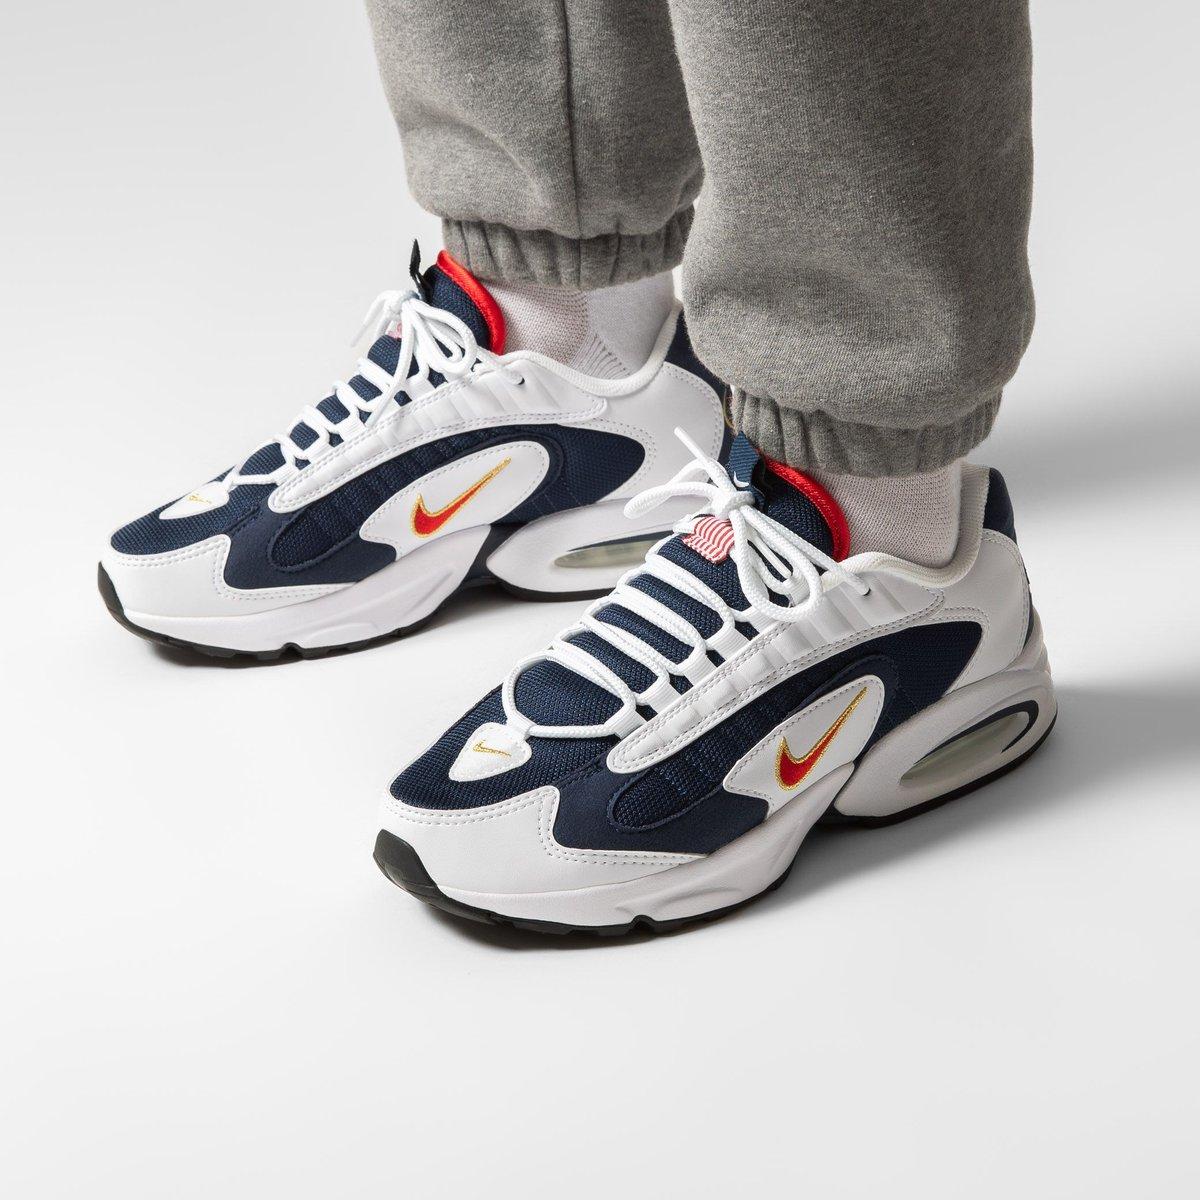 """NEW 🏅 Nike Air Max Triax 96 """"USA Olympics""""  Shop ➡︎ https://t.co/tENN2TiBAf  sizerun 🏃🏽 US 7 (40) - US 12 (46)  🔎 CT1763-400  #titoloSHOP #titolo #nike  #nikeairmaxtriax96  #usa  #olympic https://t.co/ov2naNmkDN"""